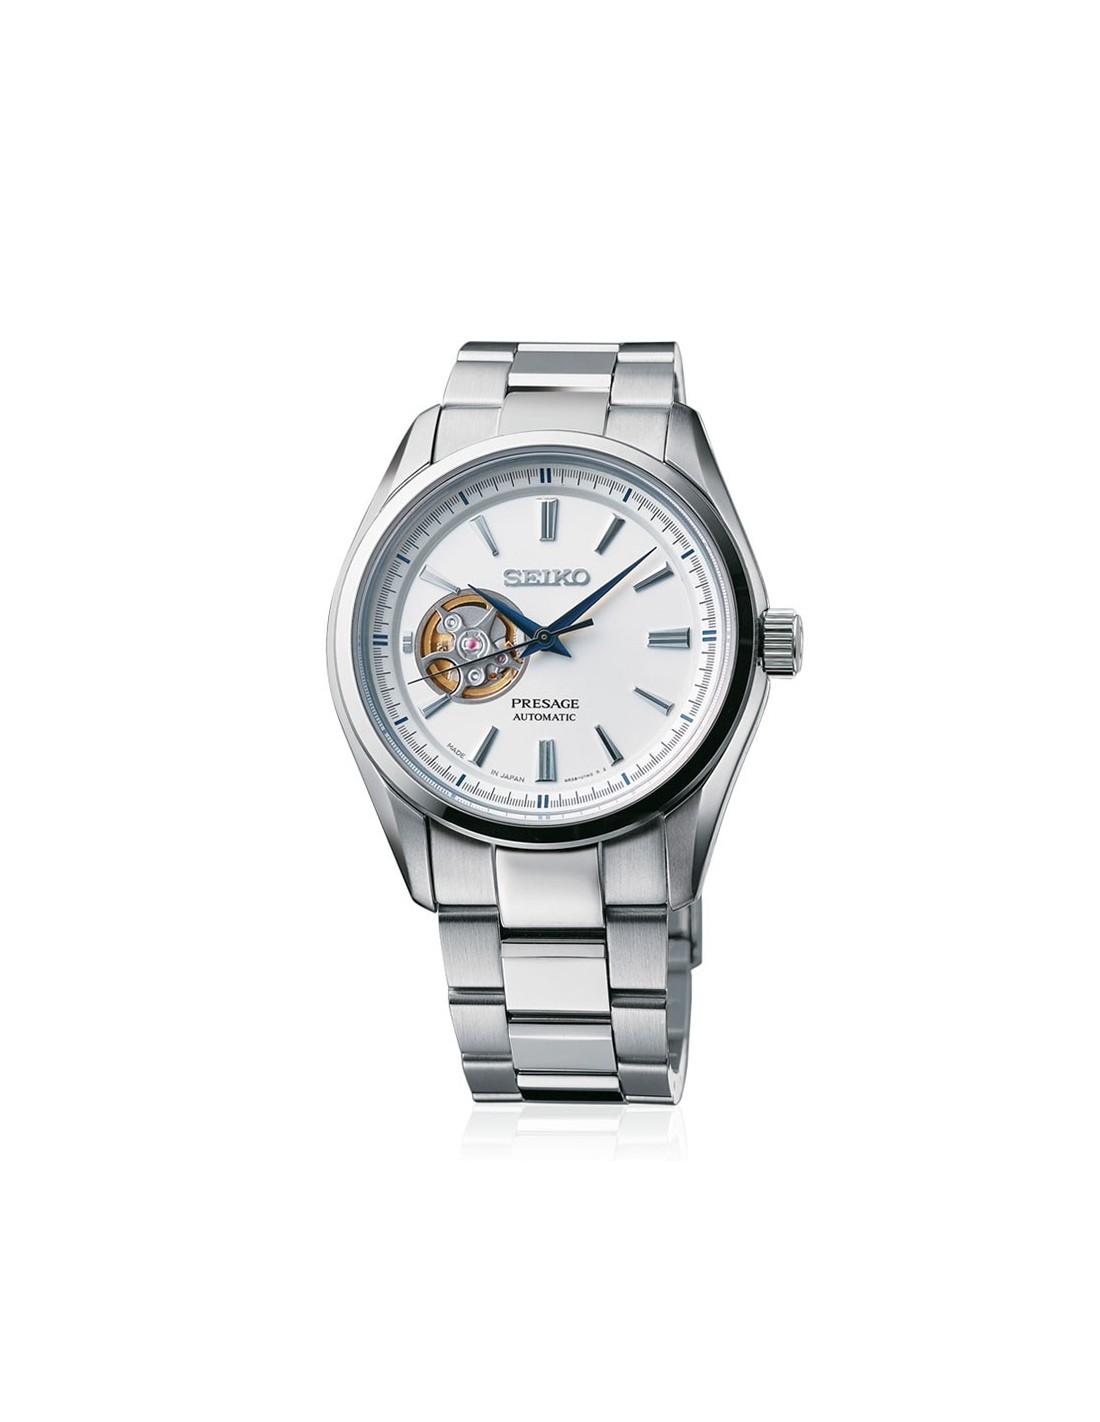 fcd891a53d3 Relógio Seiko Presage Automático SSA255J1 ...